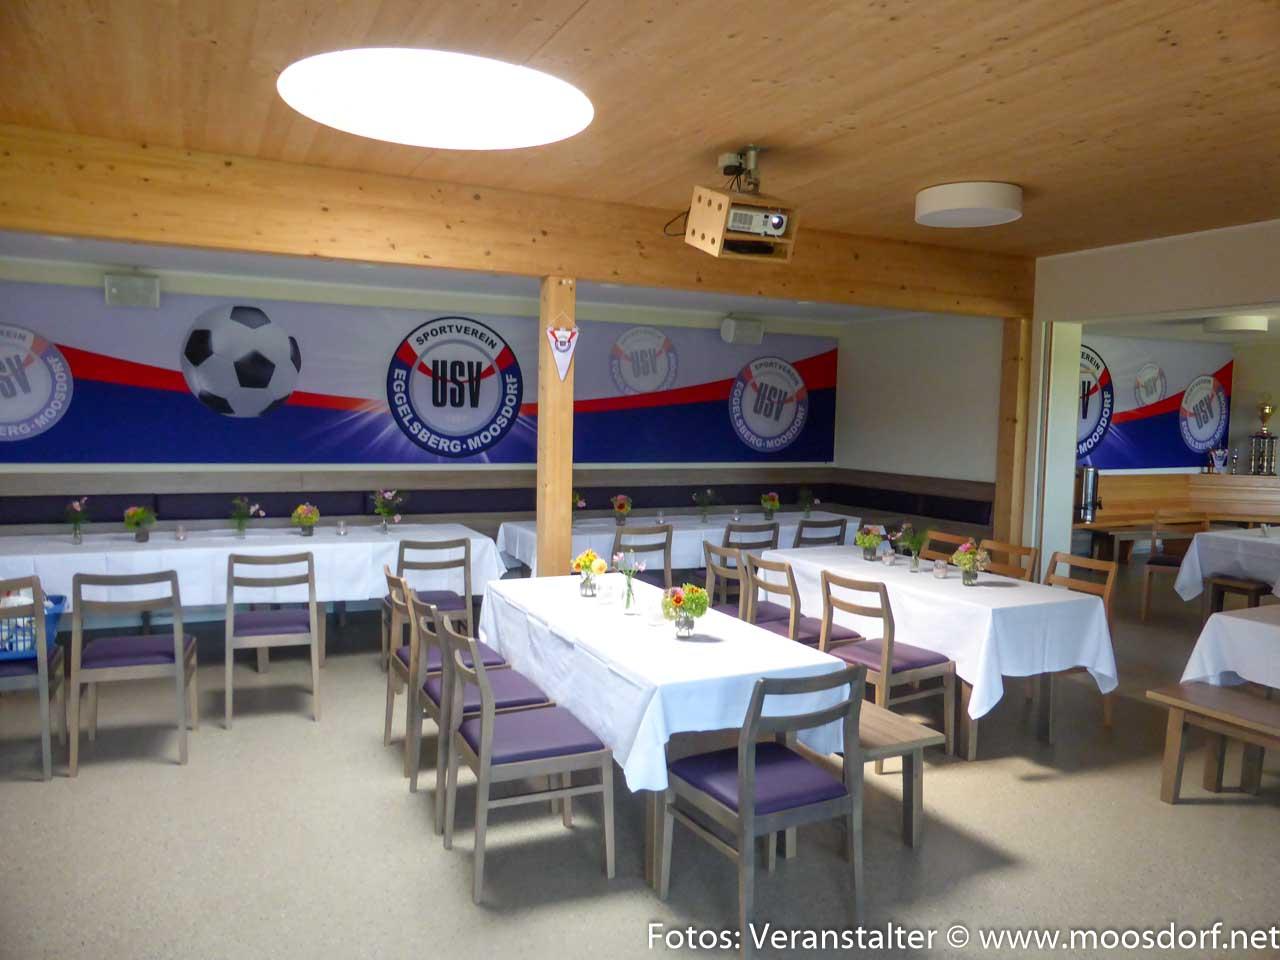 USV_Clubheim-Segnung (7 von 31)